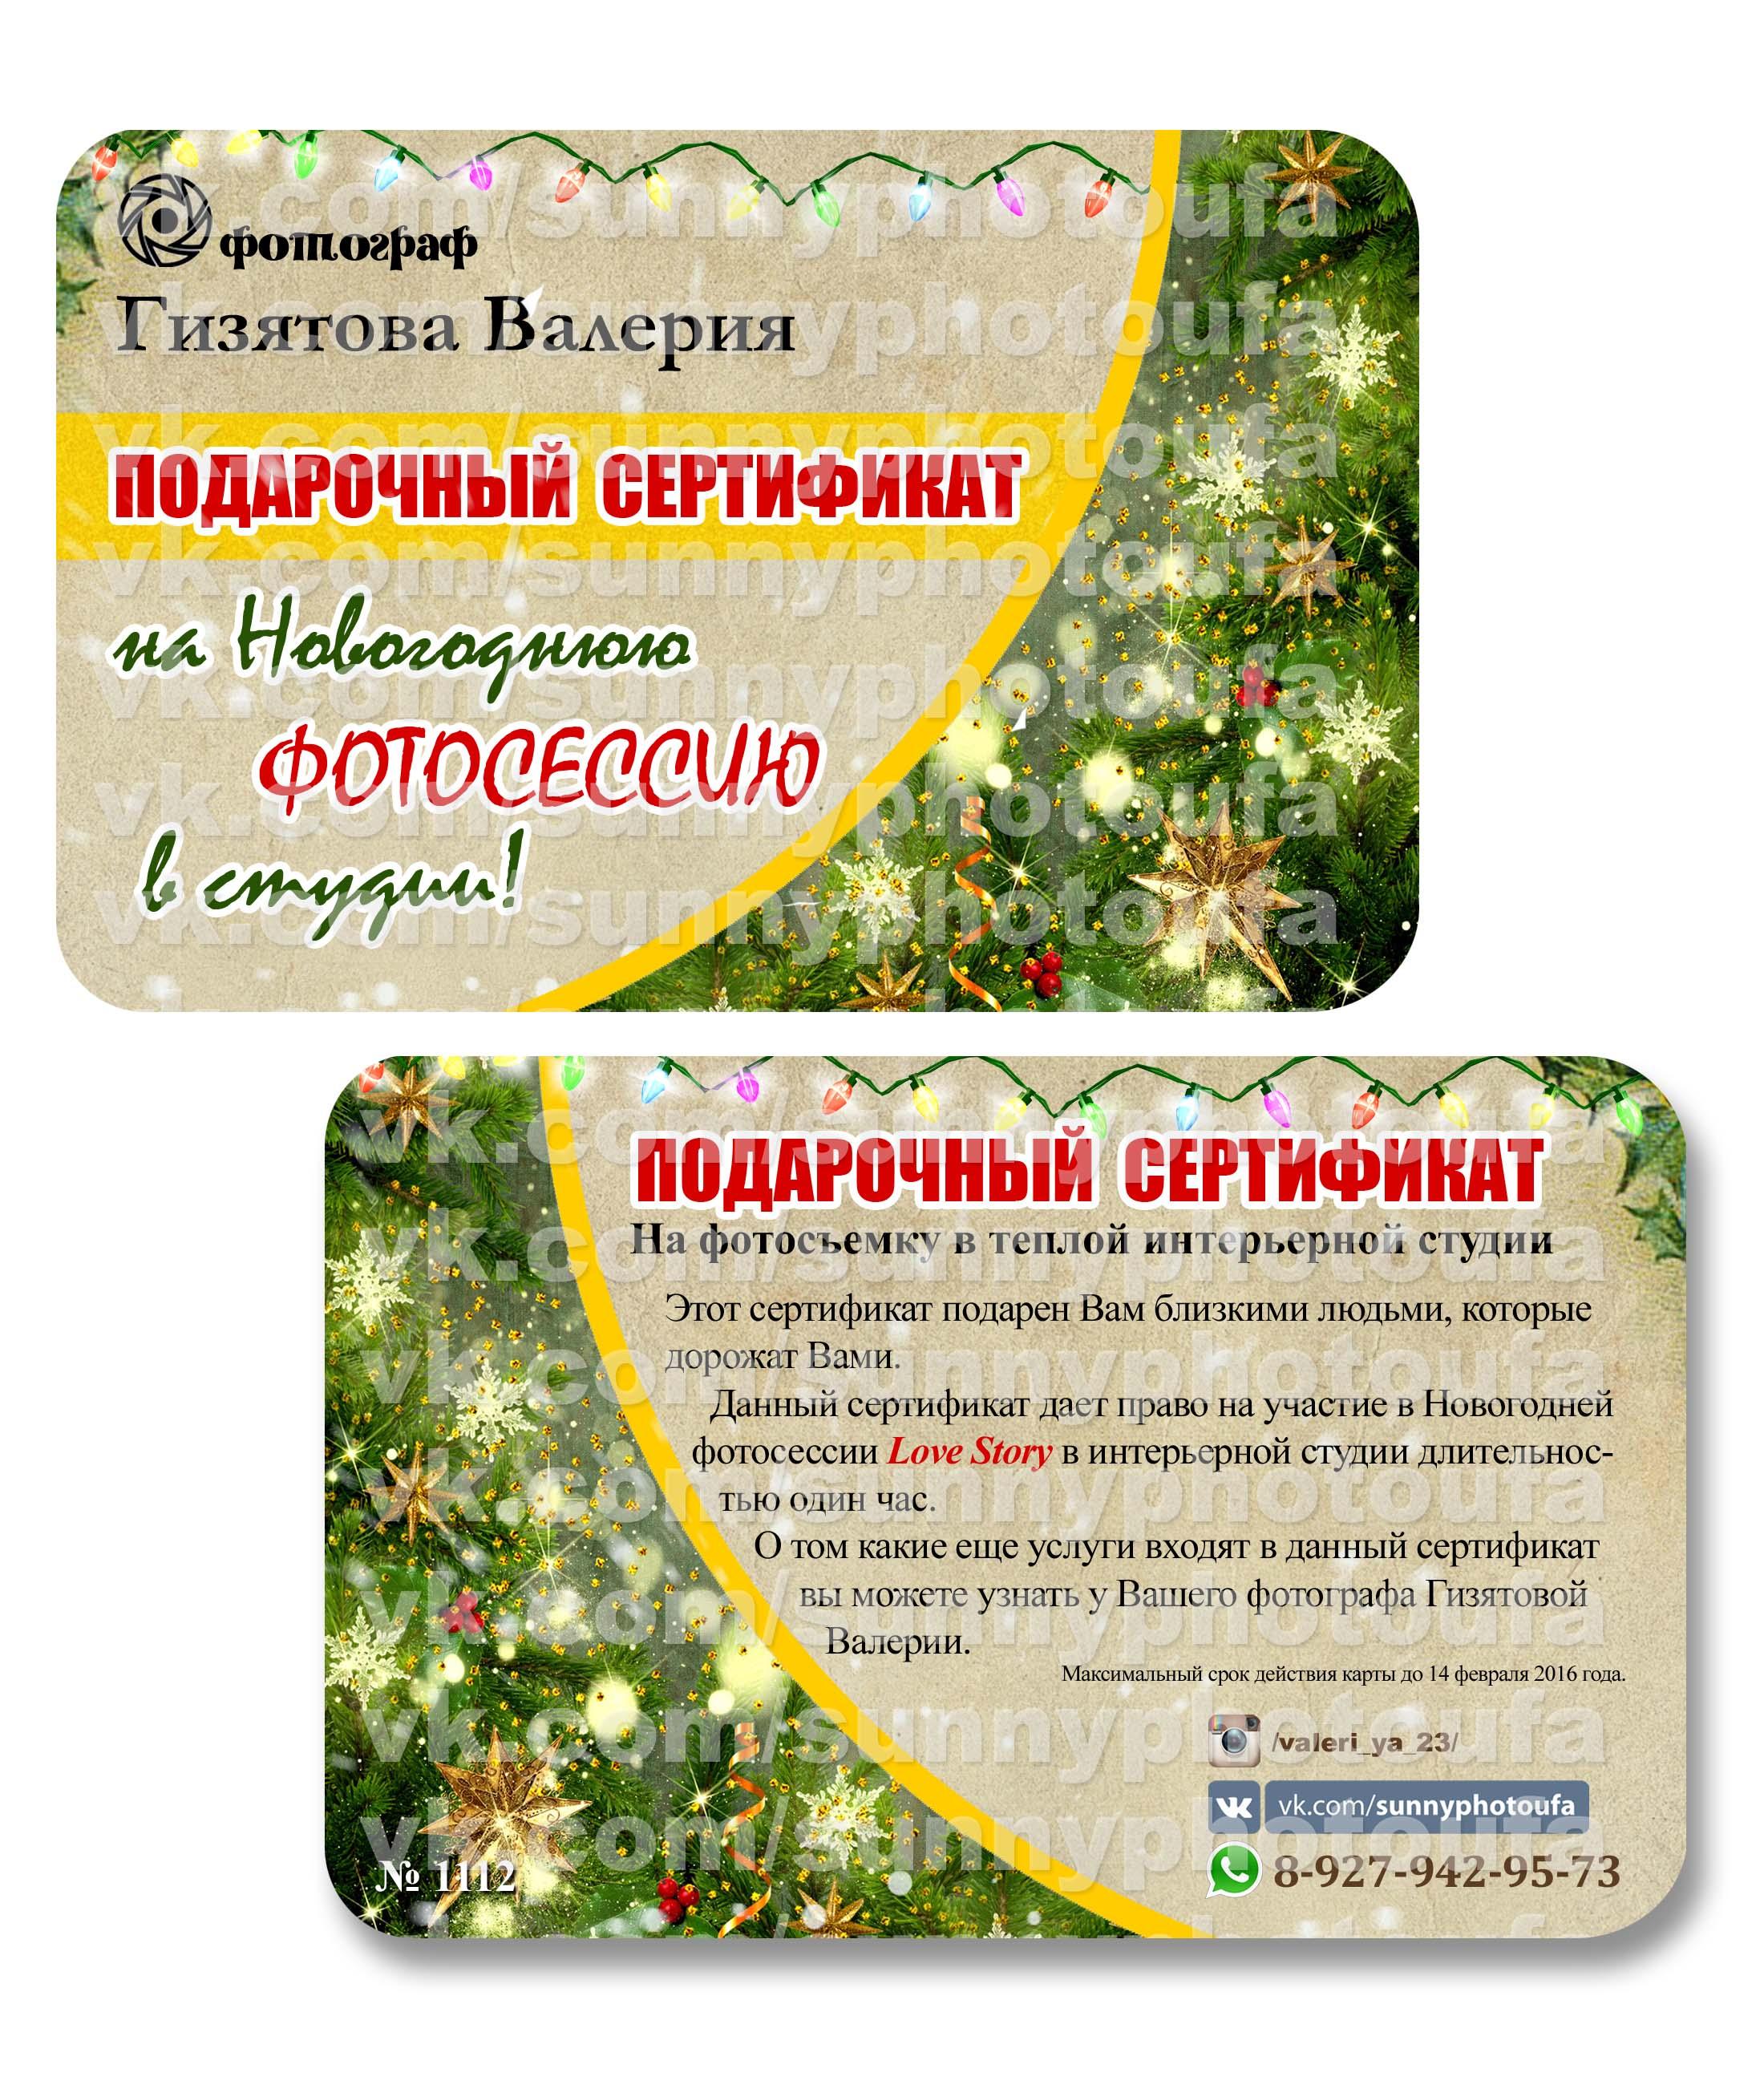 Подарочный сертификат на фотосессию на Новый год